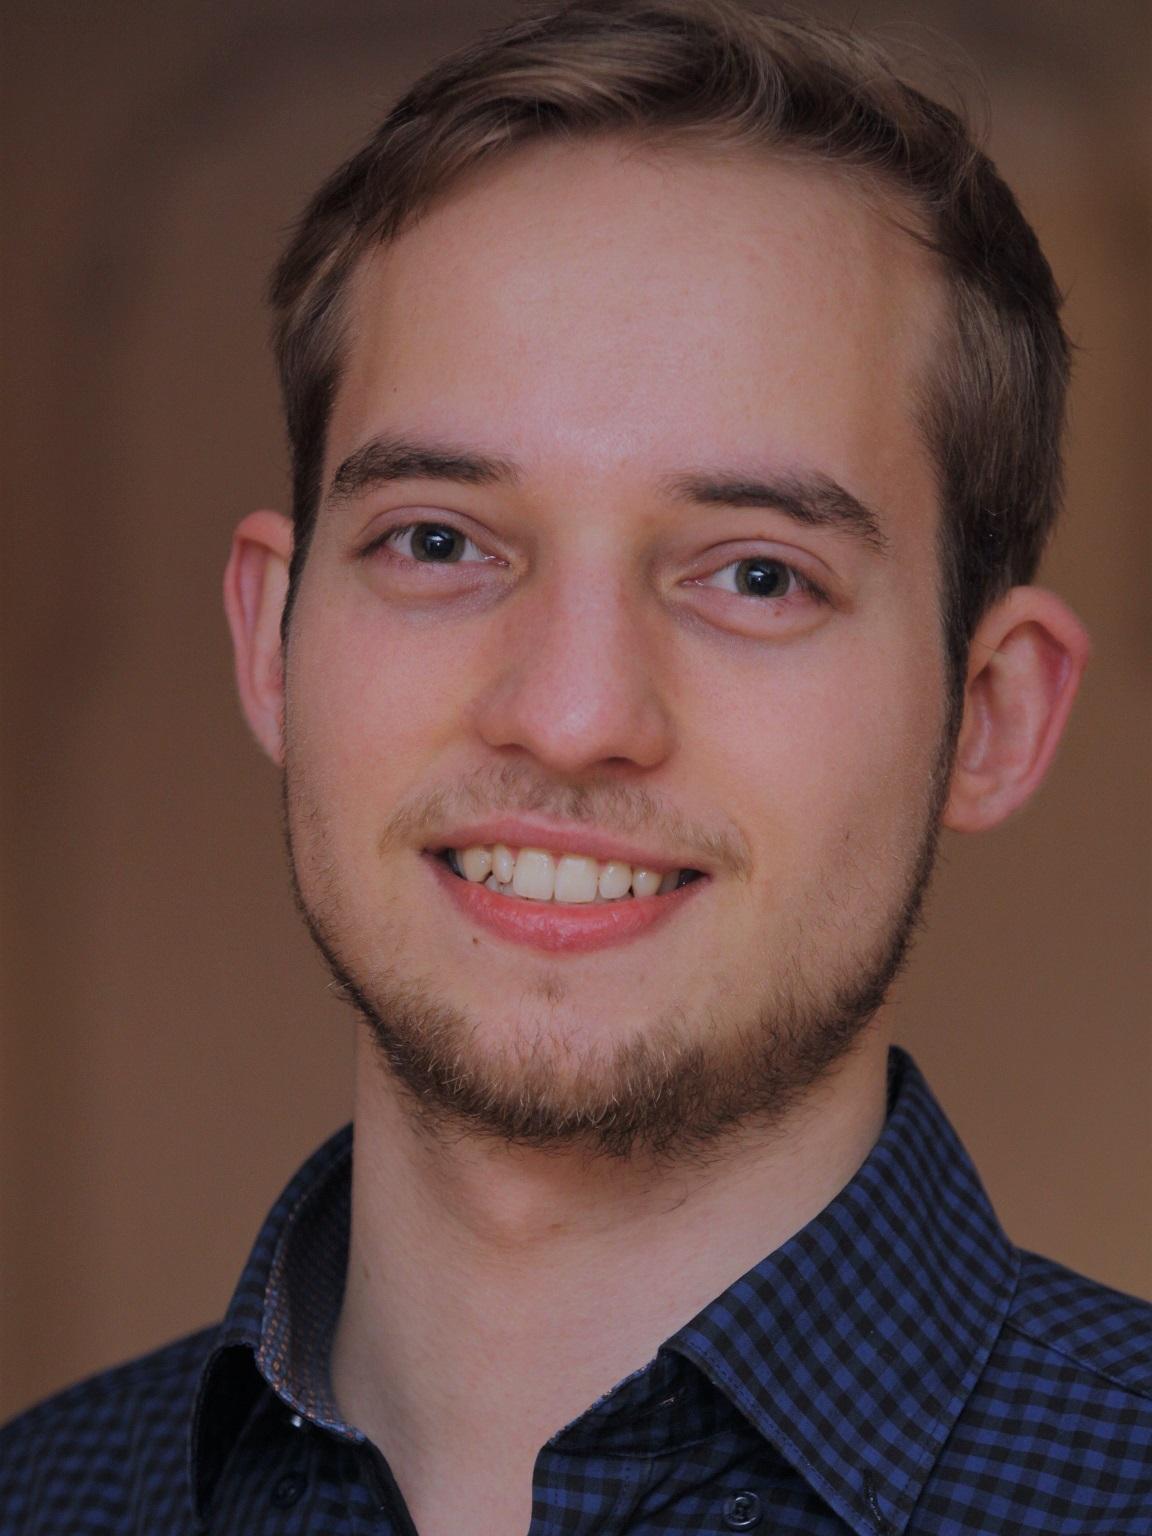 Konstantin Berghausen